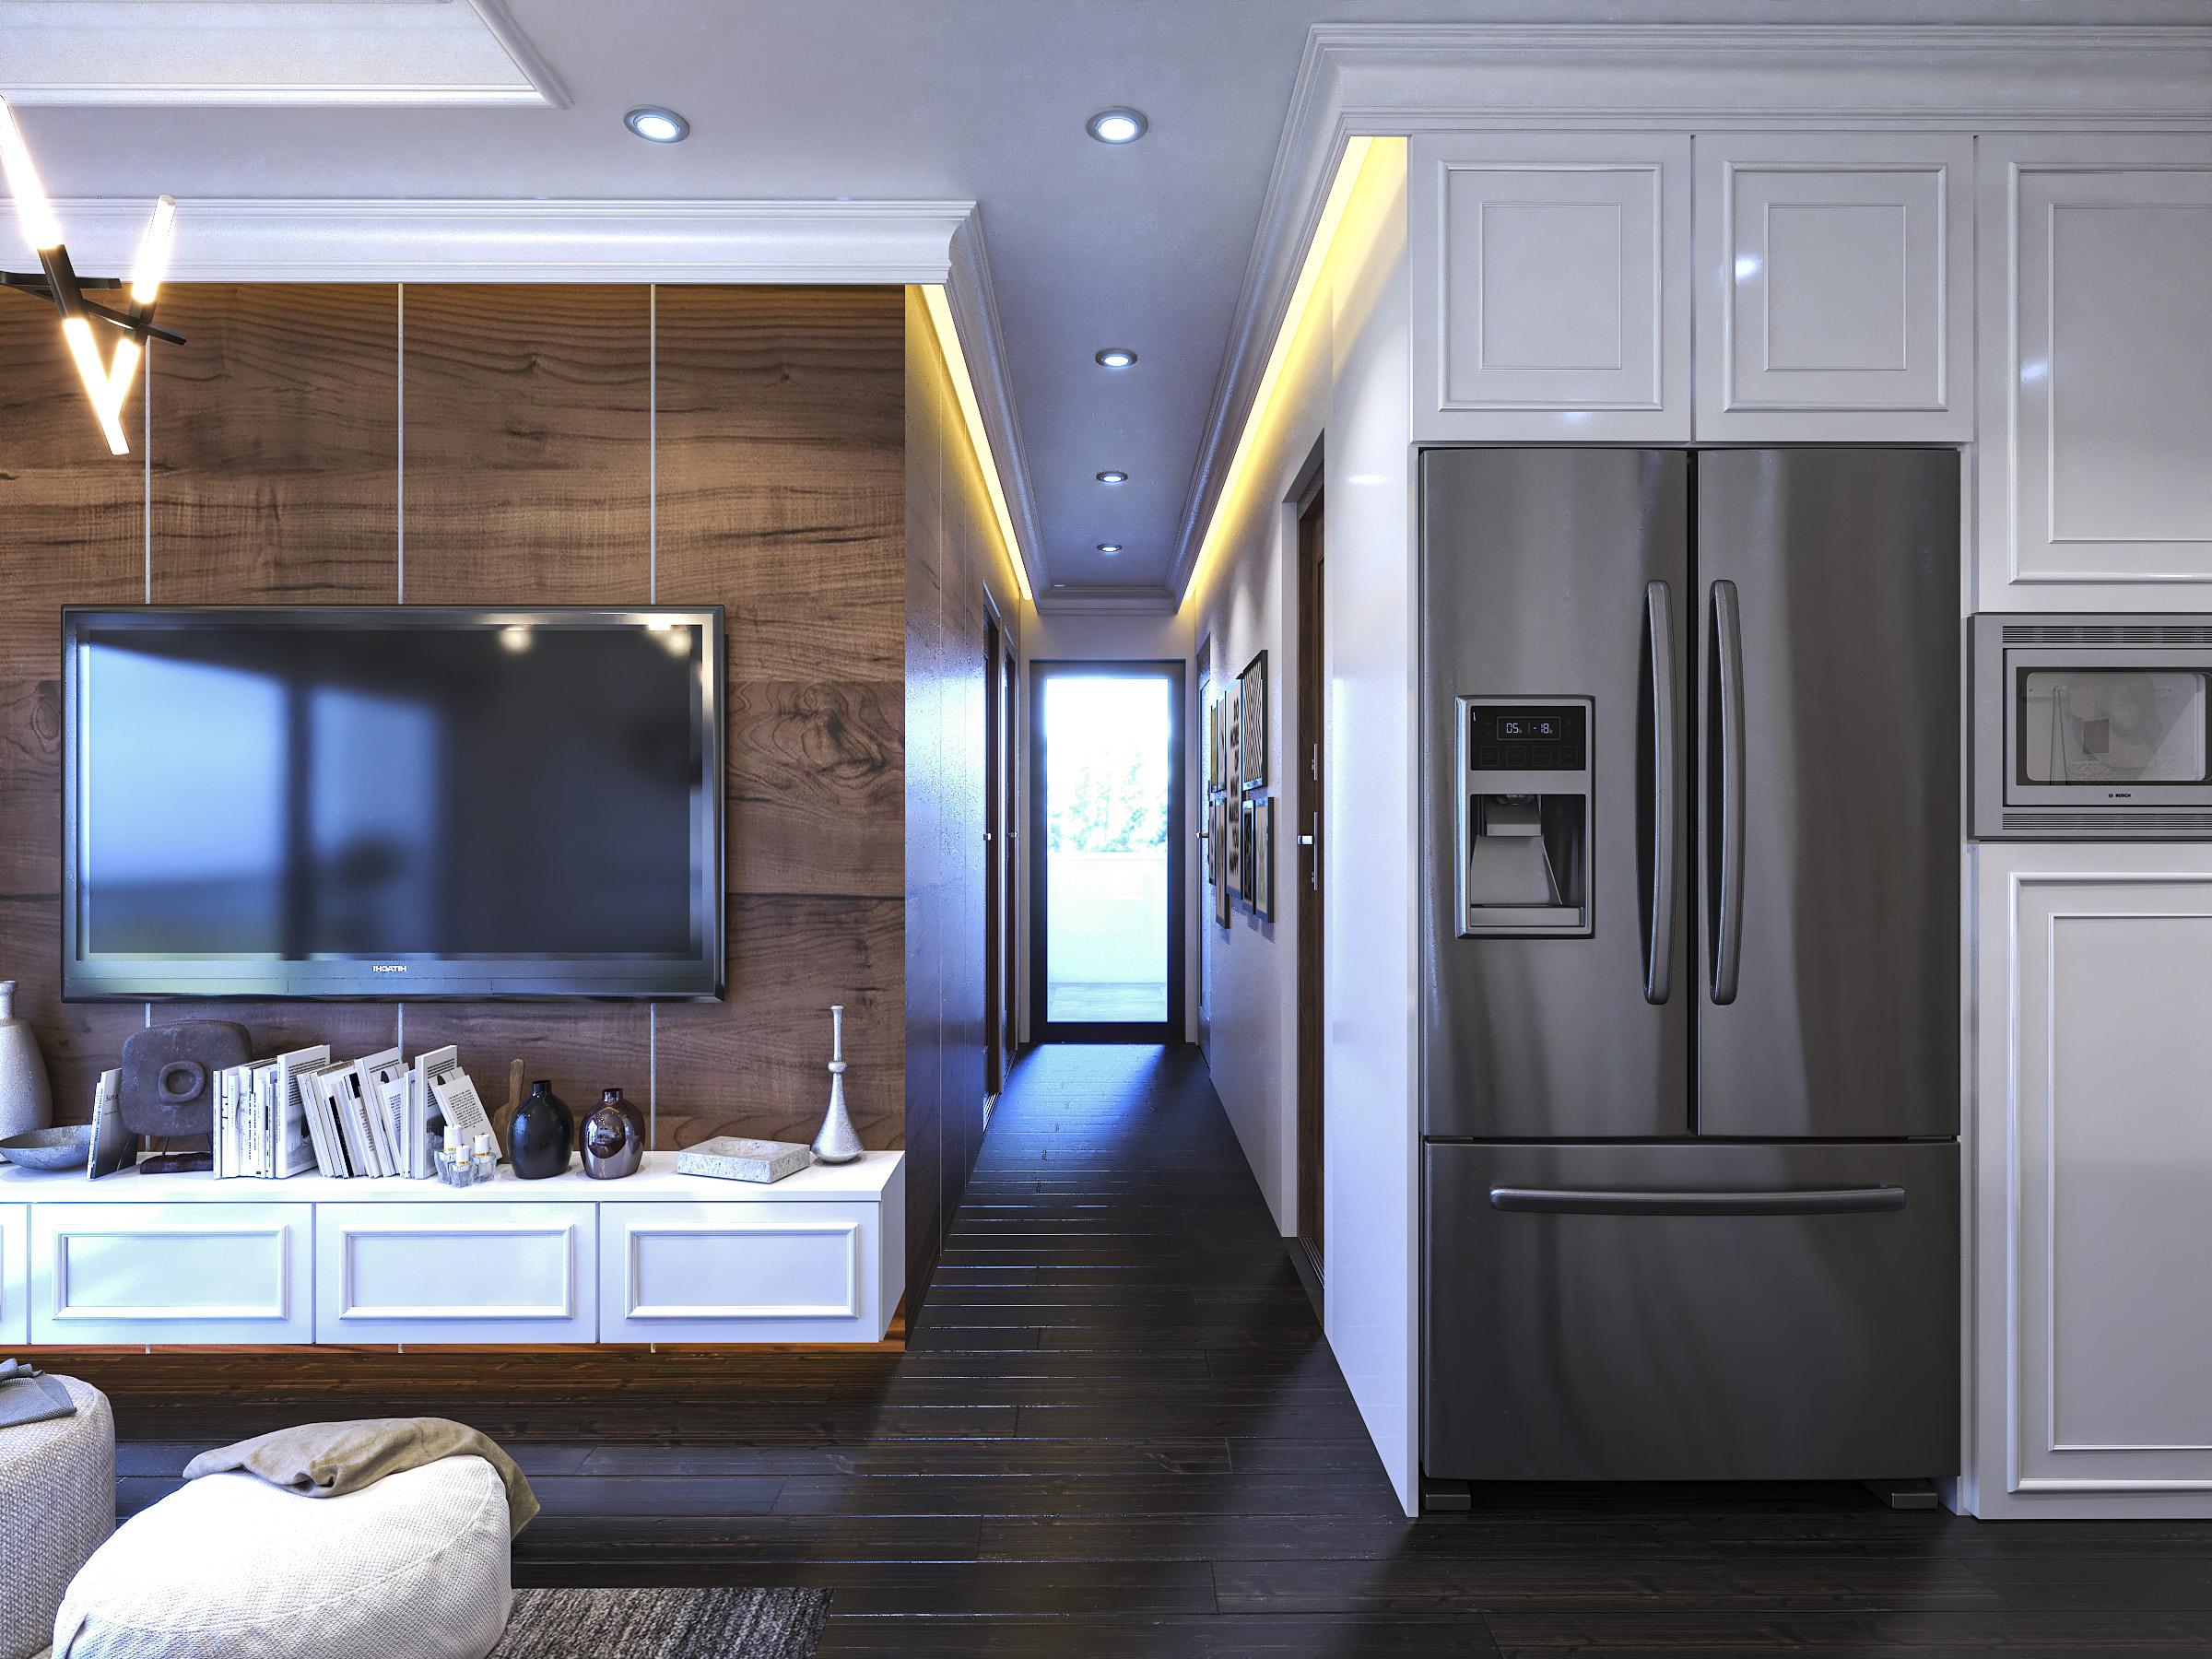 Thiết kế nội thất Chung Cư tại Hồ Chí Minh Ms Liên's Apartment 1592323879 8